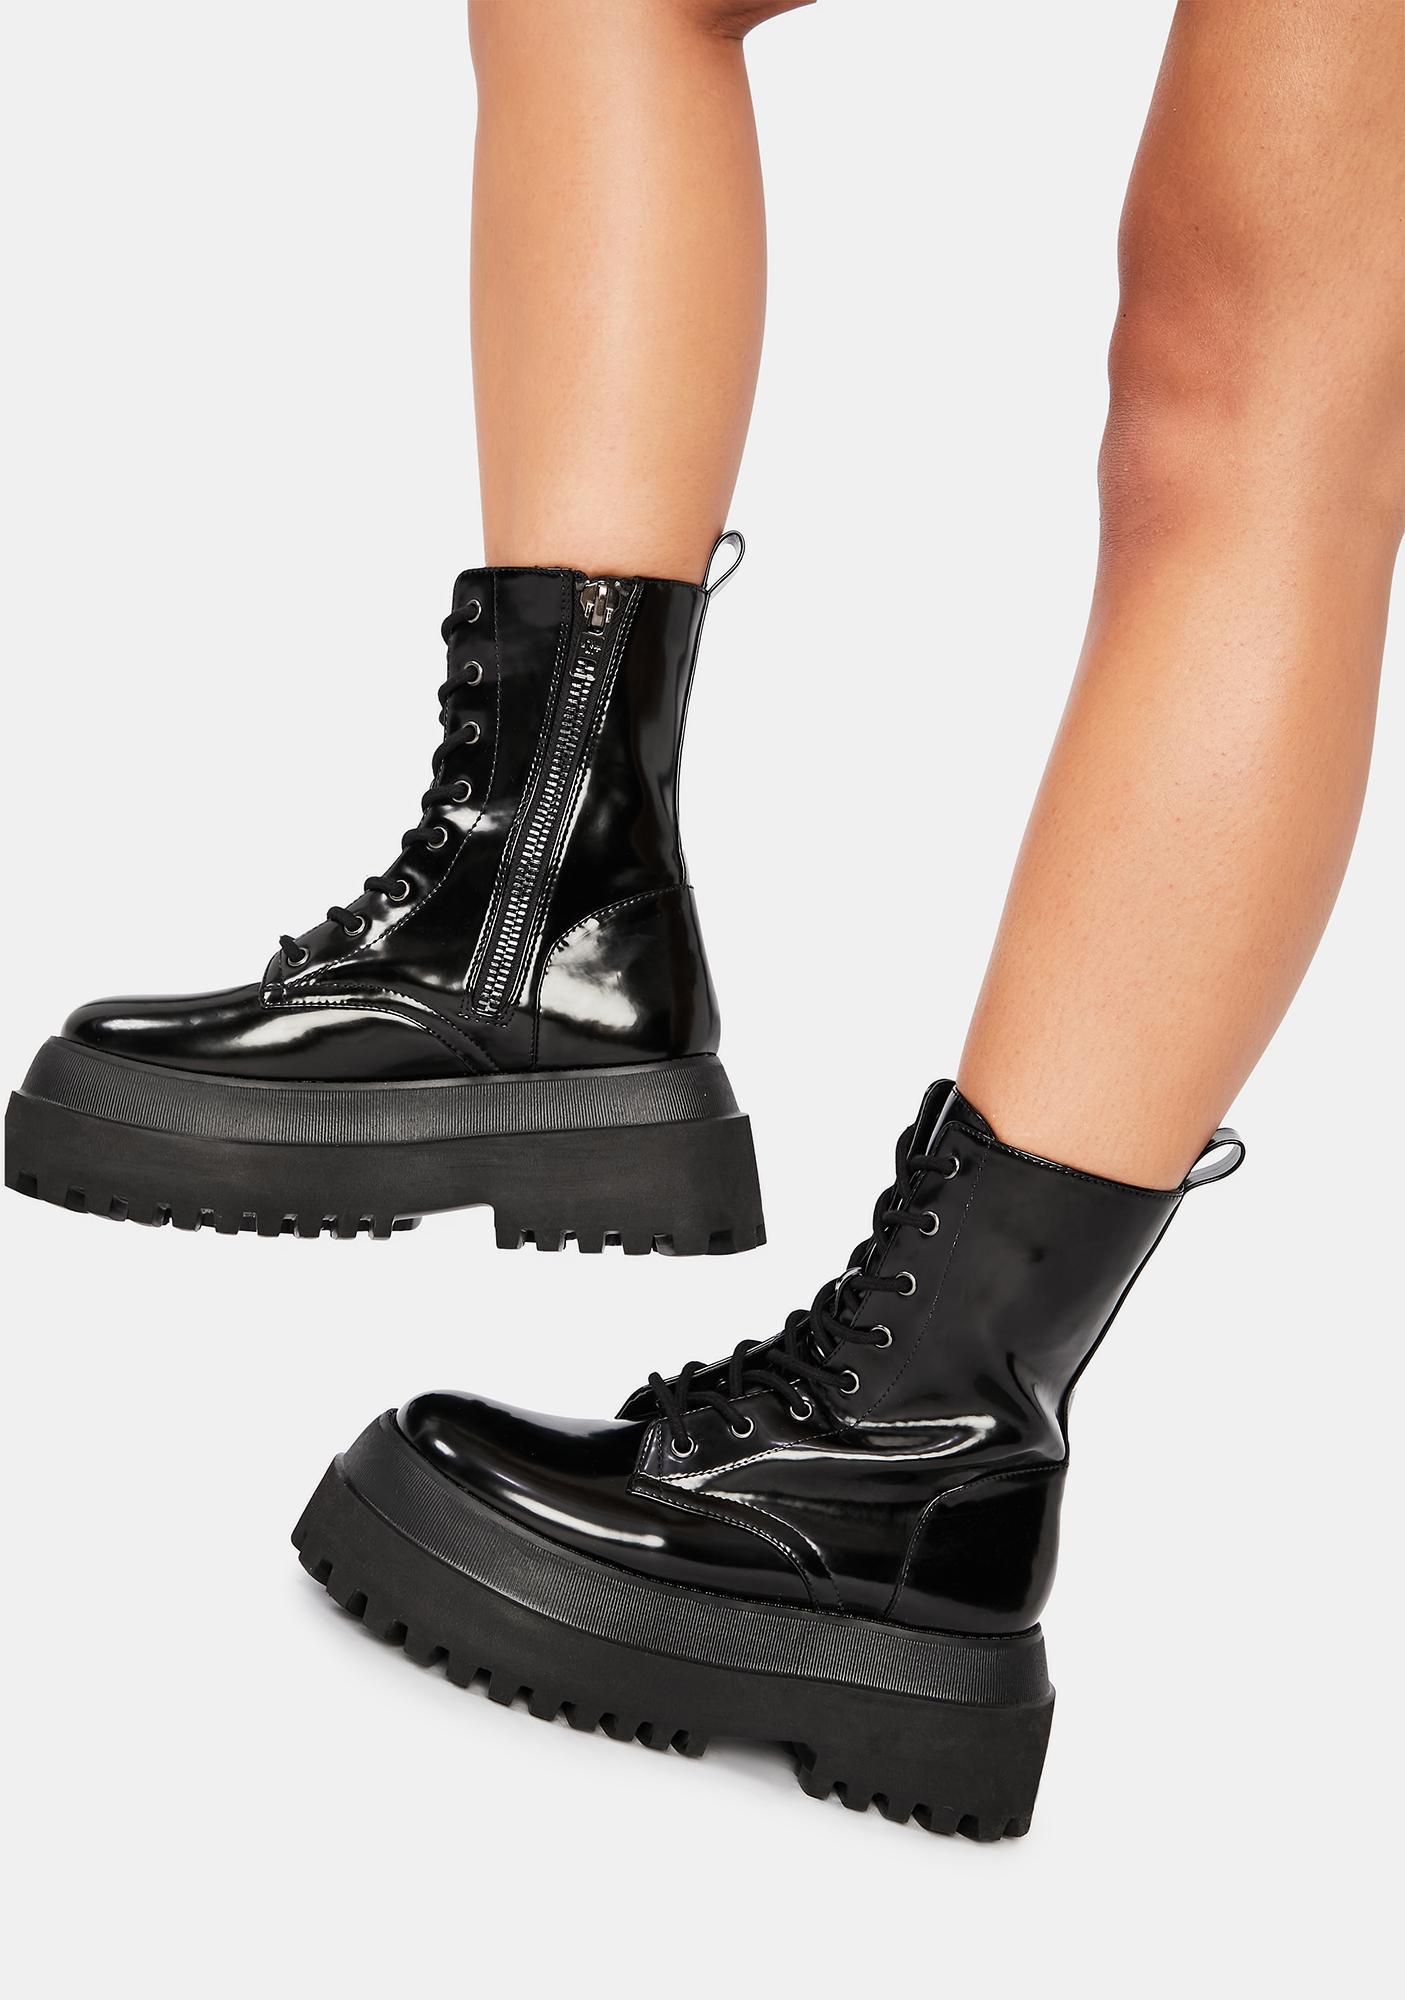 Current Mood Void Quantum Leap Platform Combat Boots